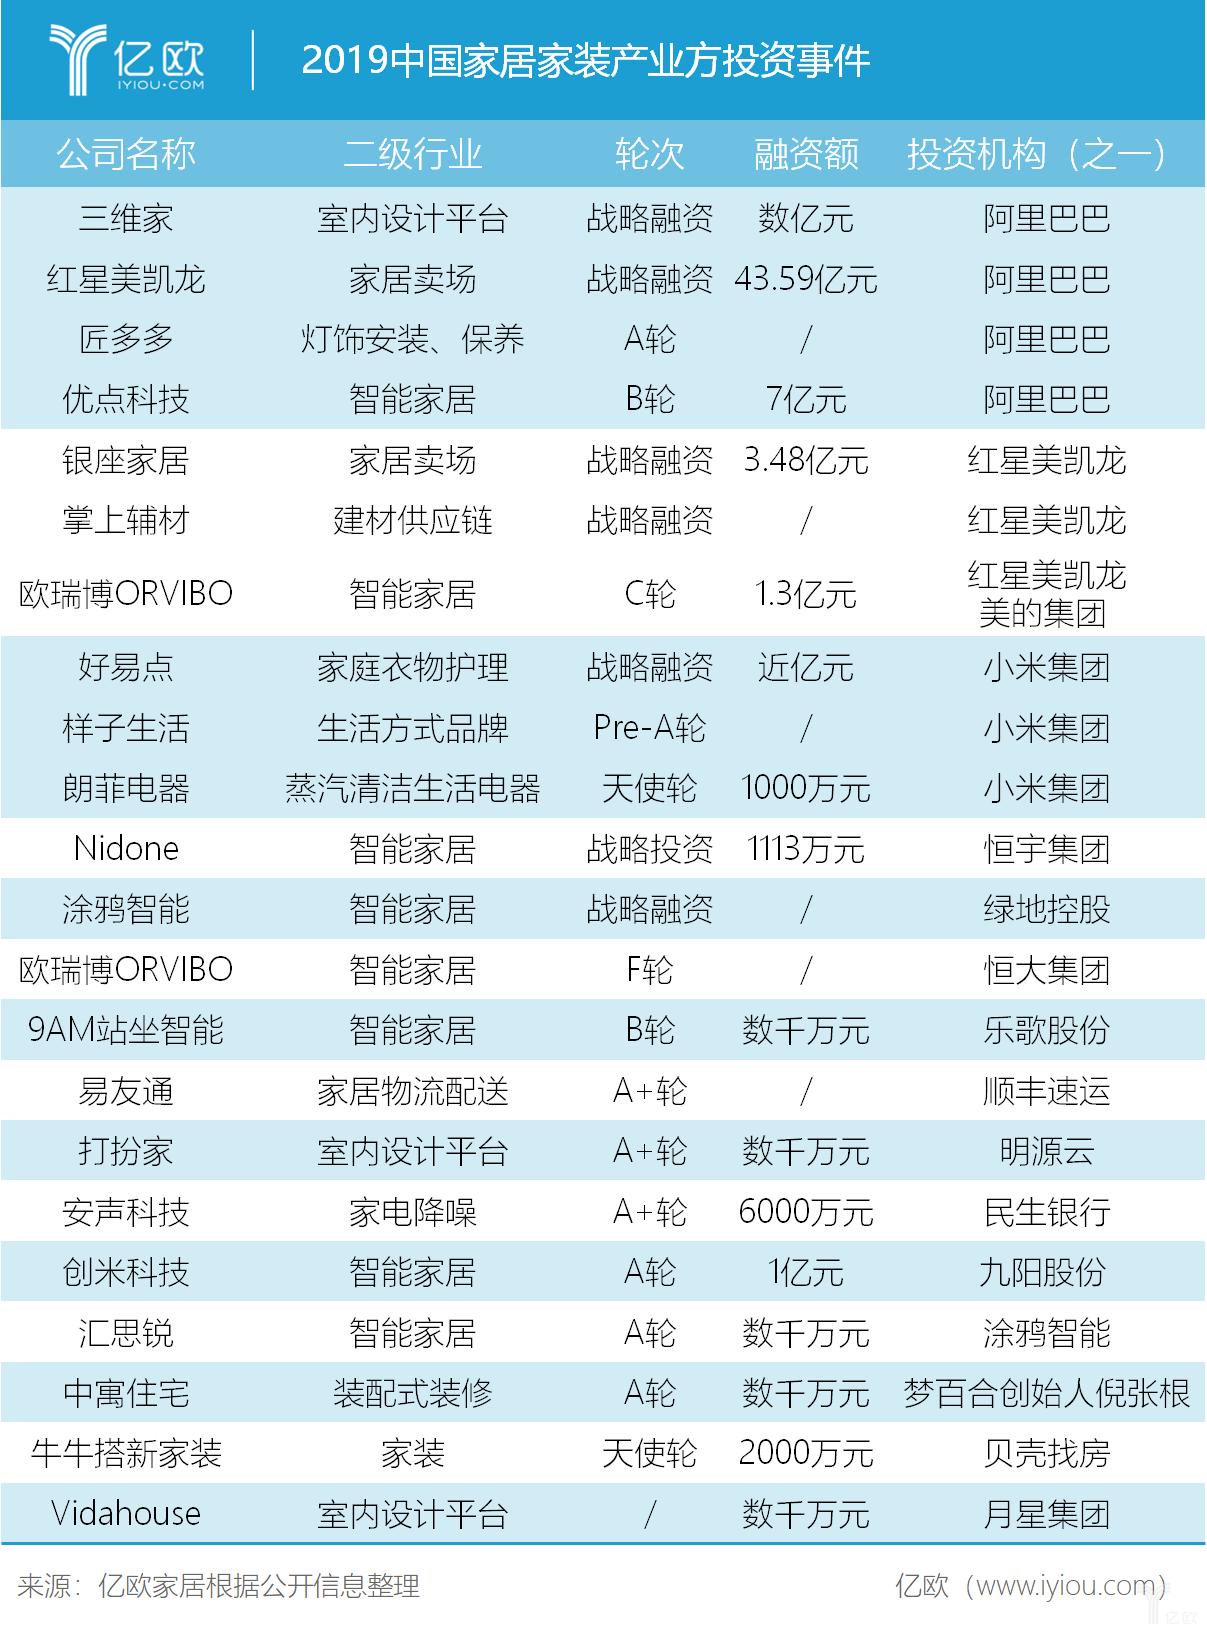 2019中国家居家装产业方投资事件.png